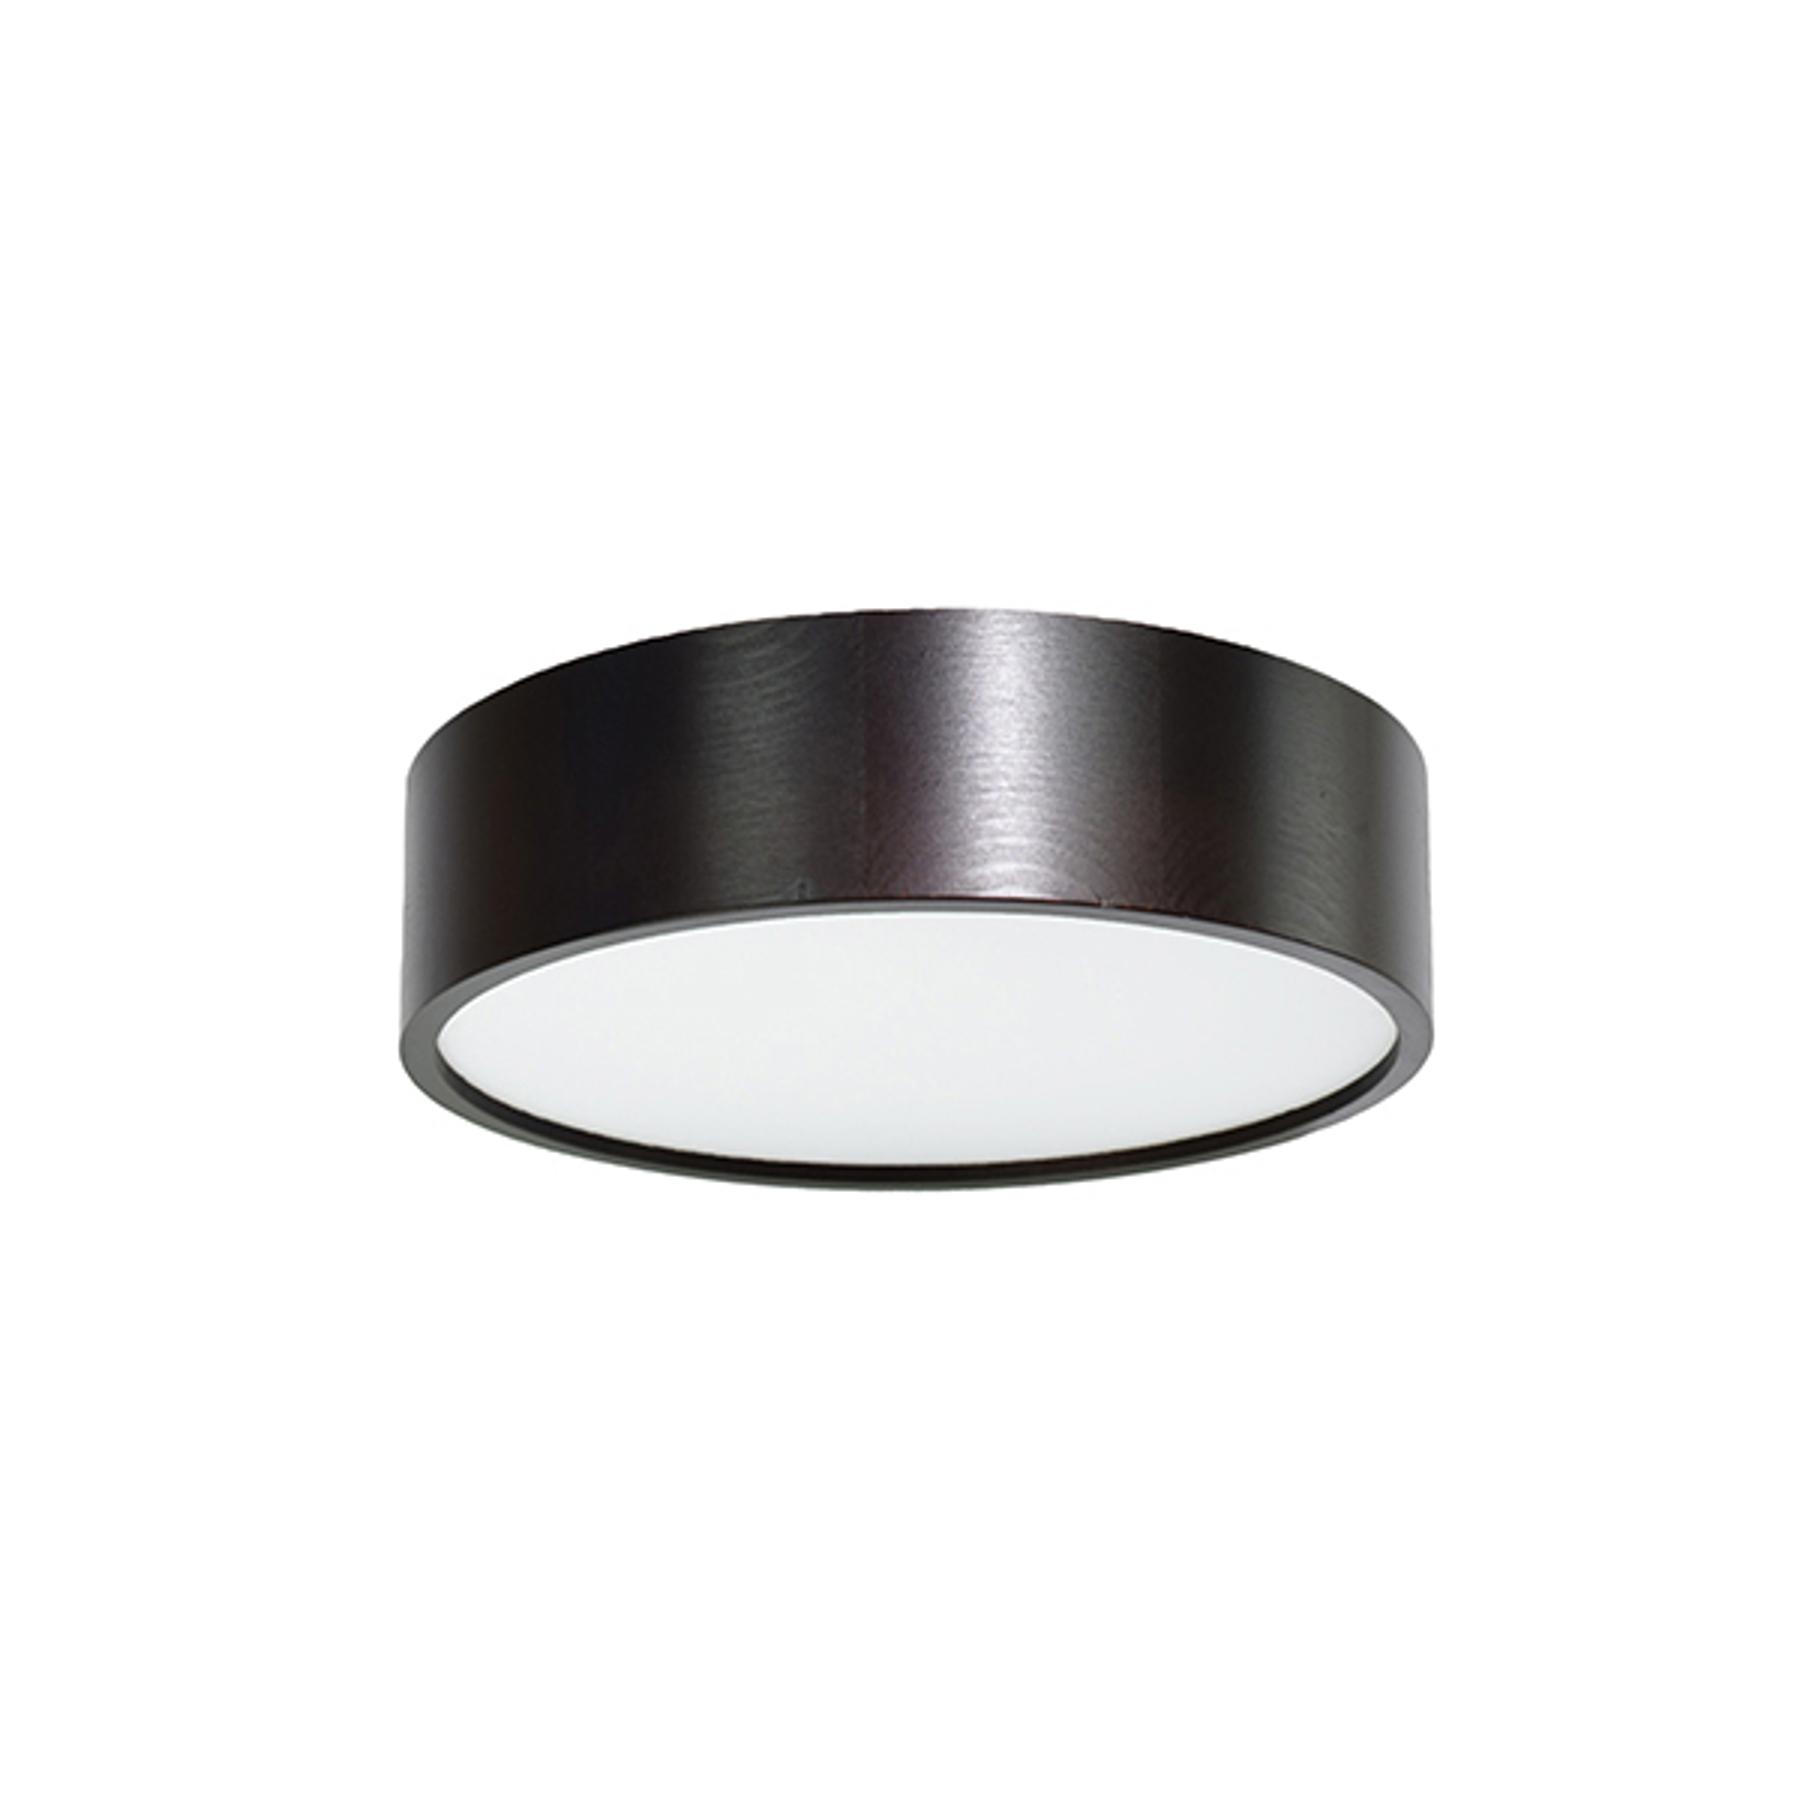 Lampa sufitowa LED Cleo, Ø 28cm, czarna